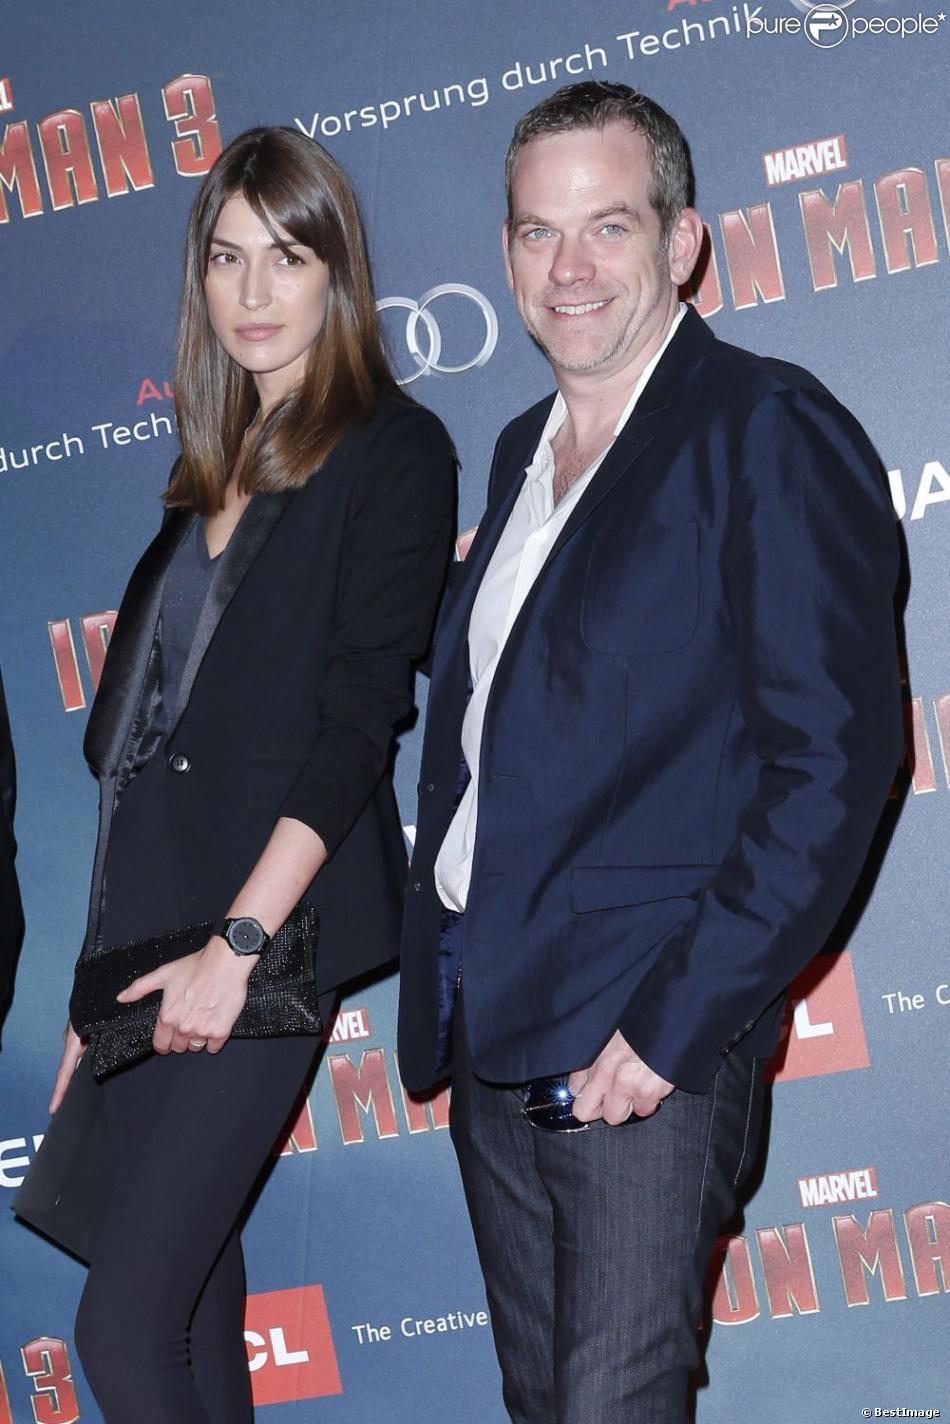 Luc Plamondon, Garou et sa compagne Stéphanie Fournier à l'avant-première parisienne de Iron Man 3 au Grand Rex, le 14 avril 2013